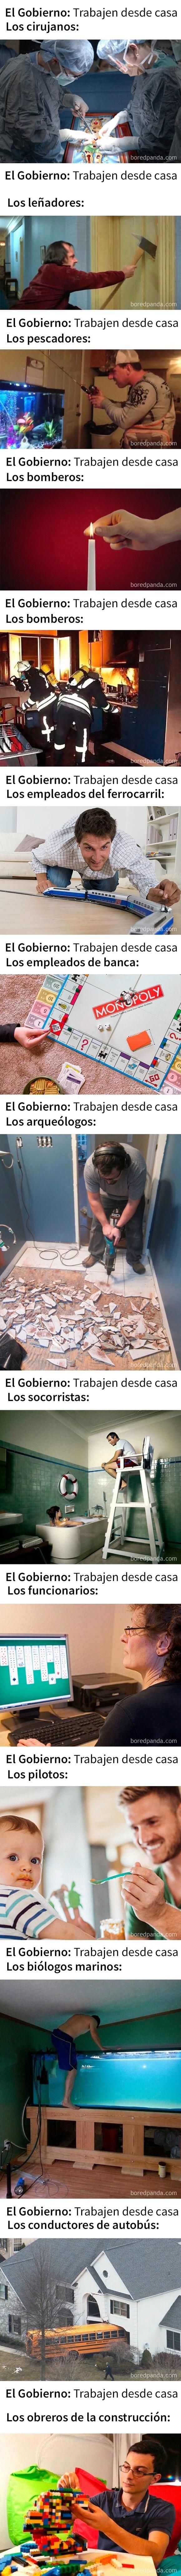 8707 - Memes sobre trabajo remoto que entenderán aquellos que no puedan trabajar desde casa